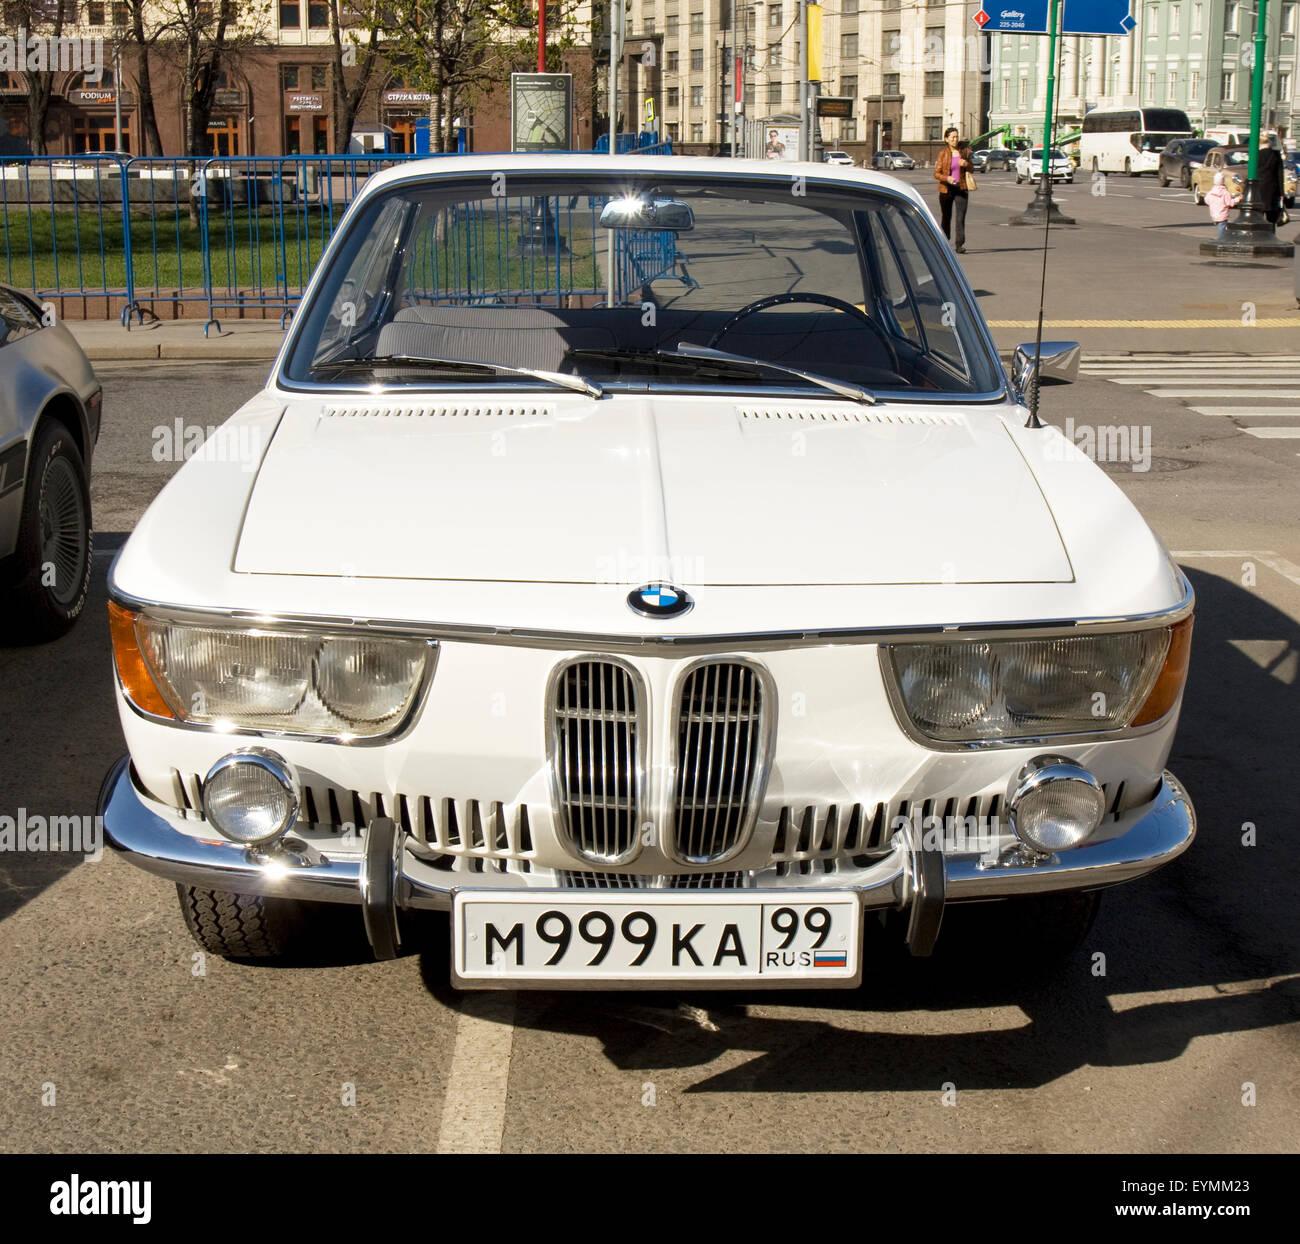 Bmw Rally Car Stock Photos & Bmw Rally Car Stock Images